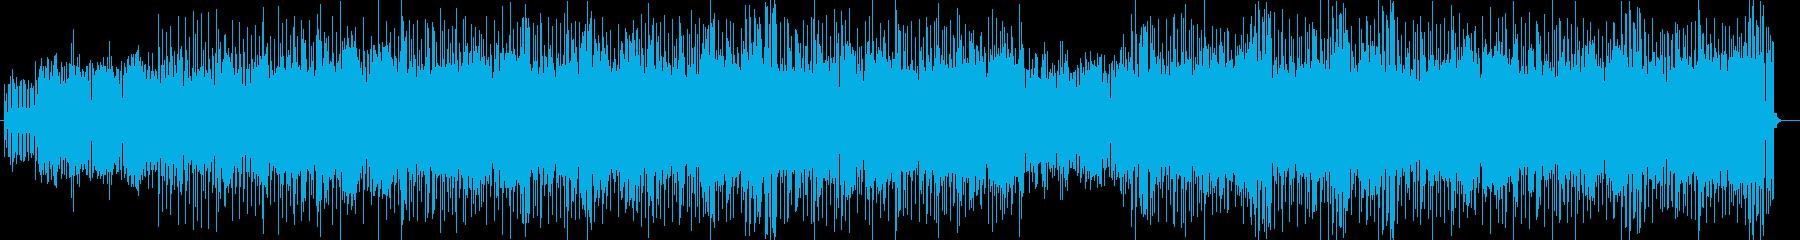 ゲームに合う宇宙的ピコピコ曲の再生済みの波形